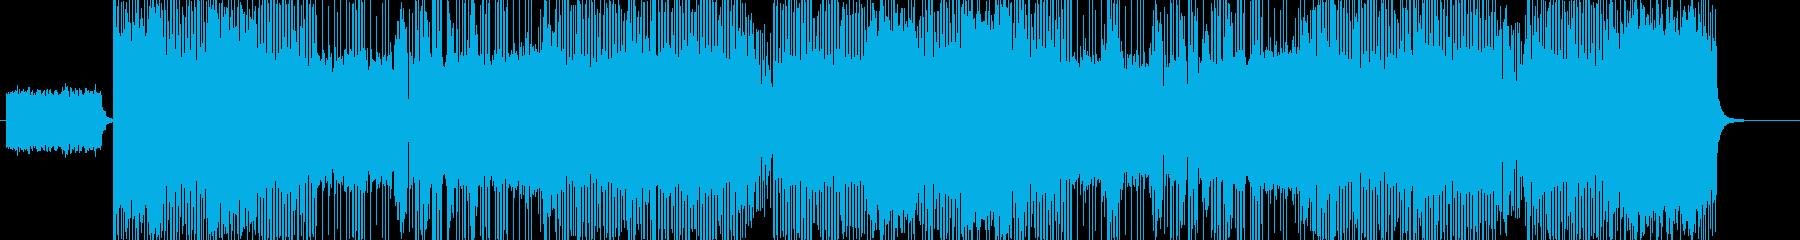 「HR/HM」「DEATH」BGM296の再生済みの波形